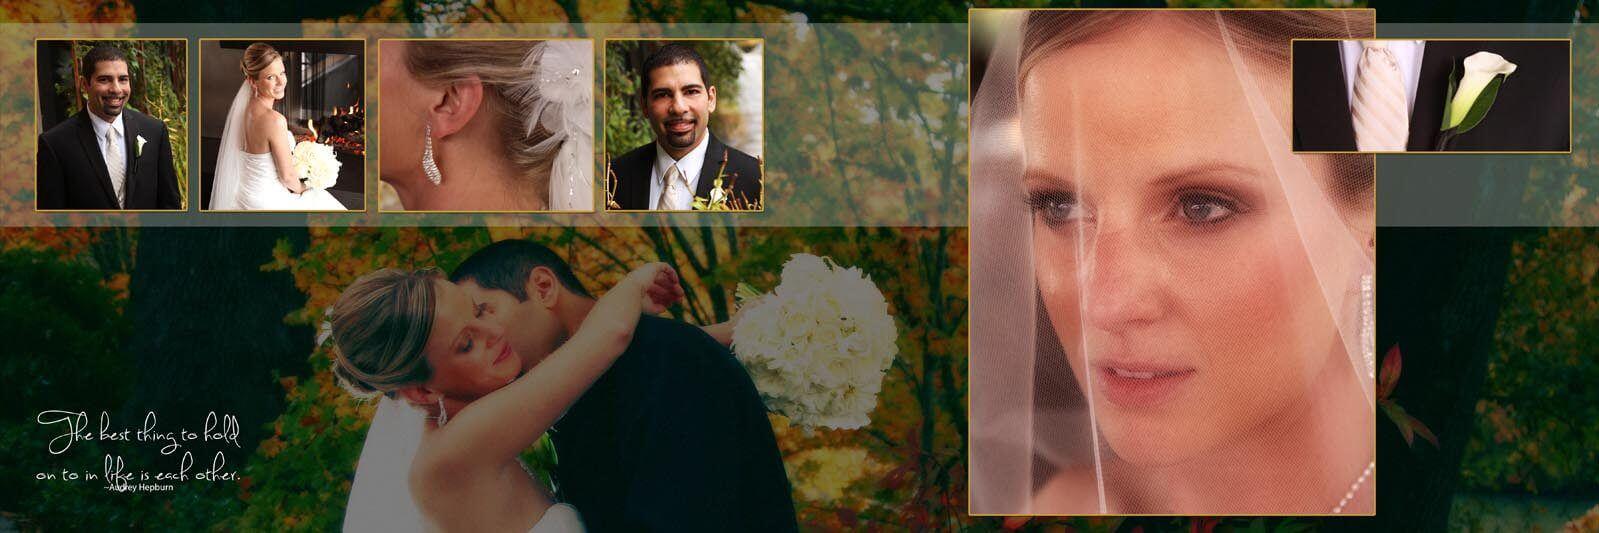 The-Vue-Indoor-Wedding-Venue-Corvallis-Oregon-wedding-photographers010-011.jpg